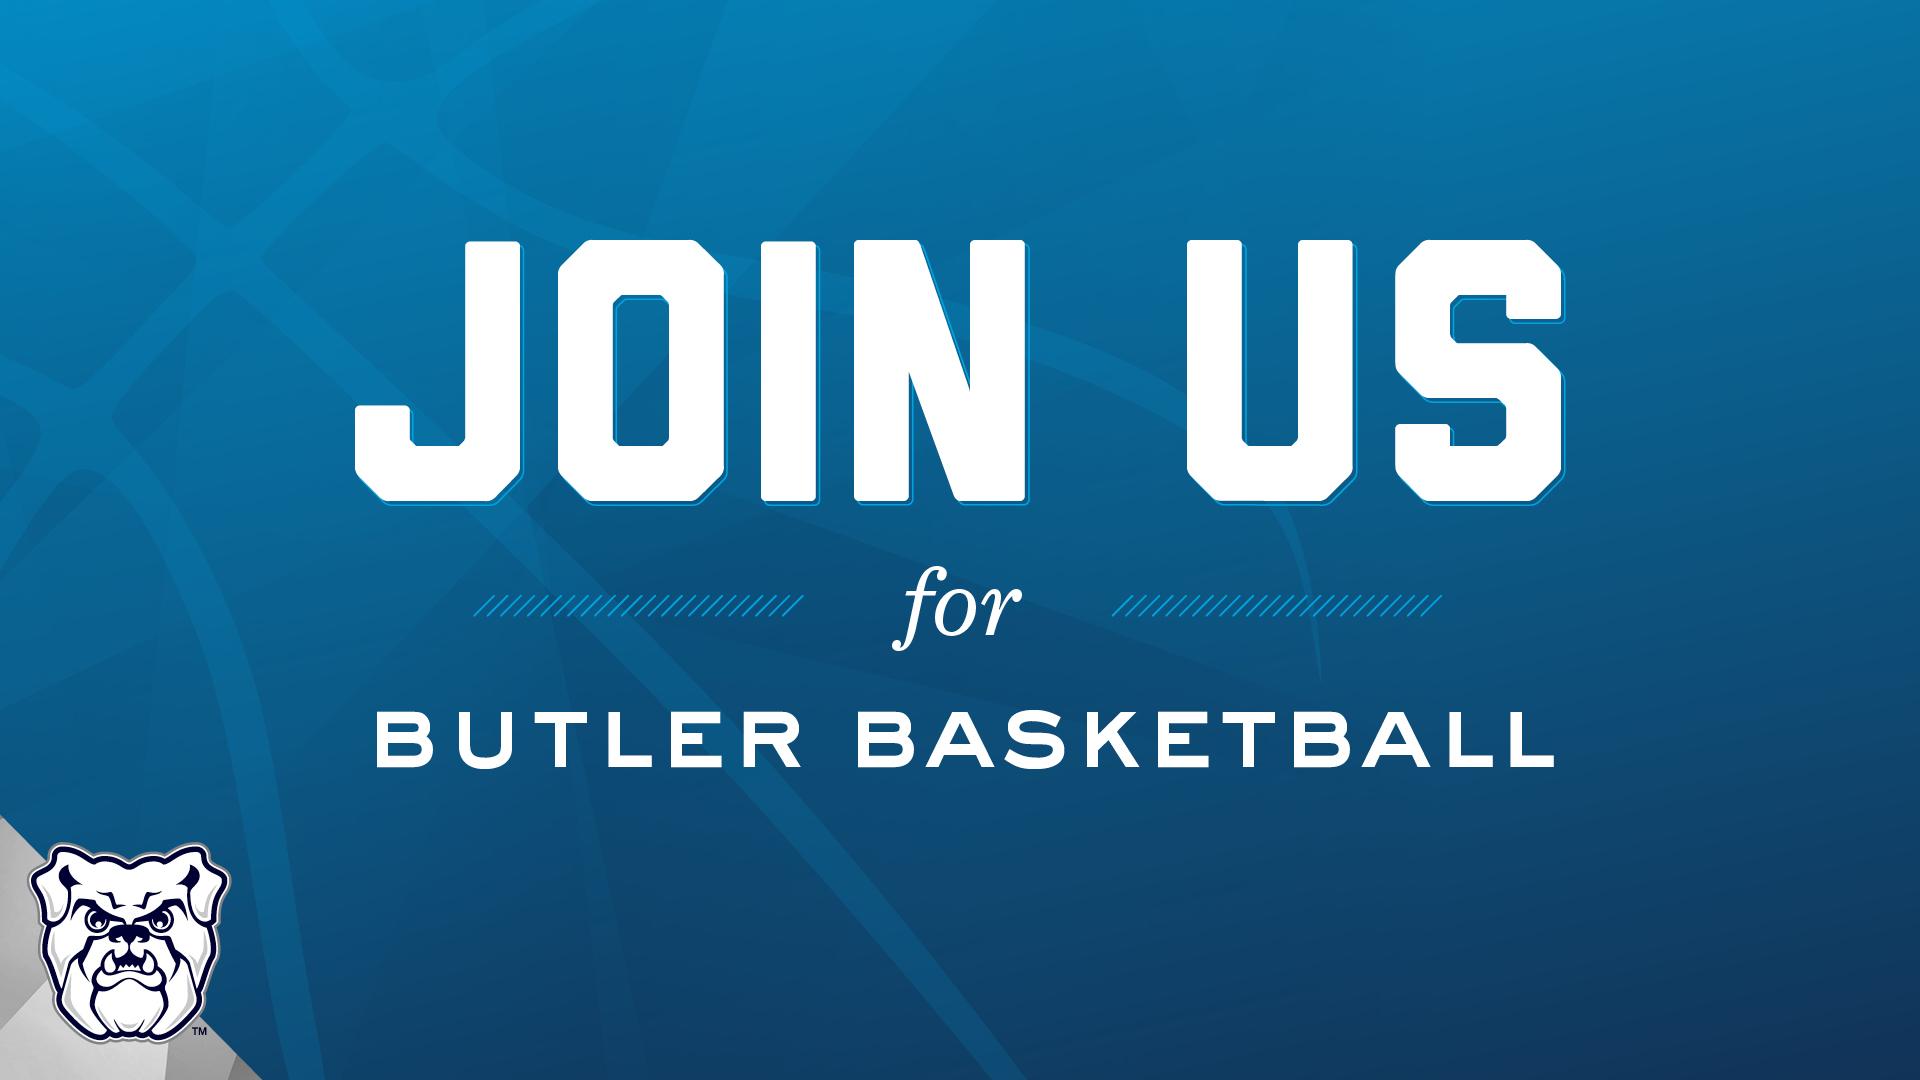 Butler vs Marquette